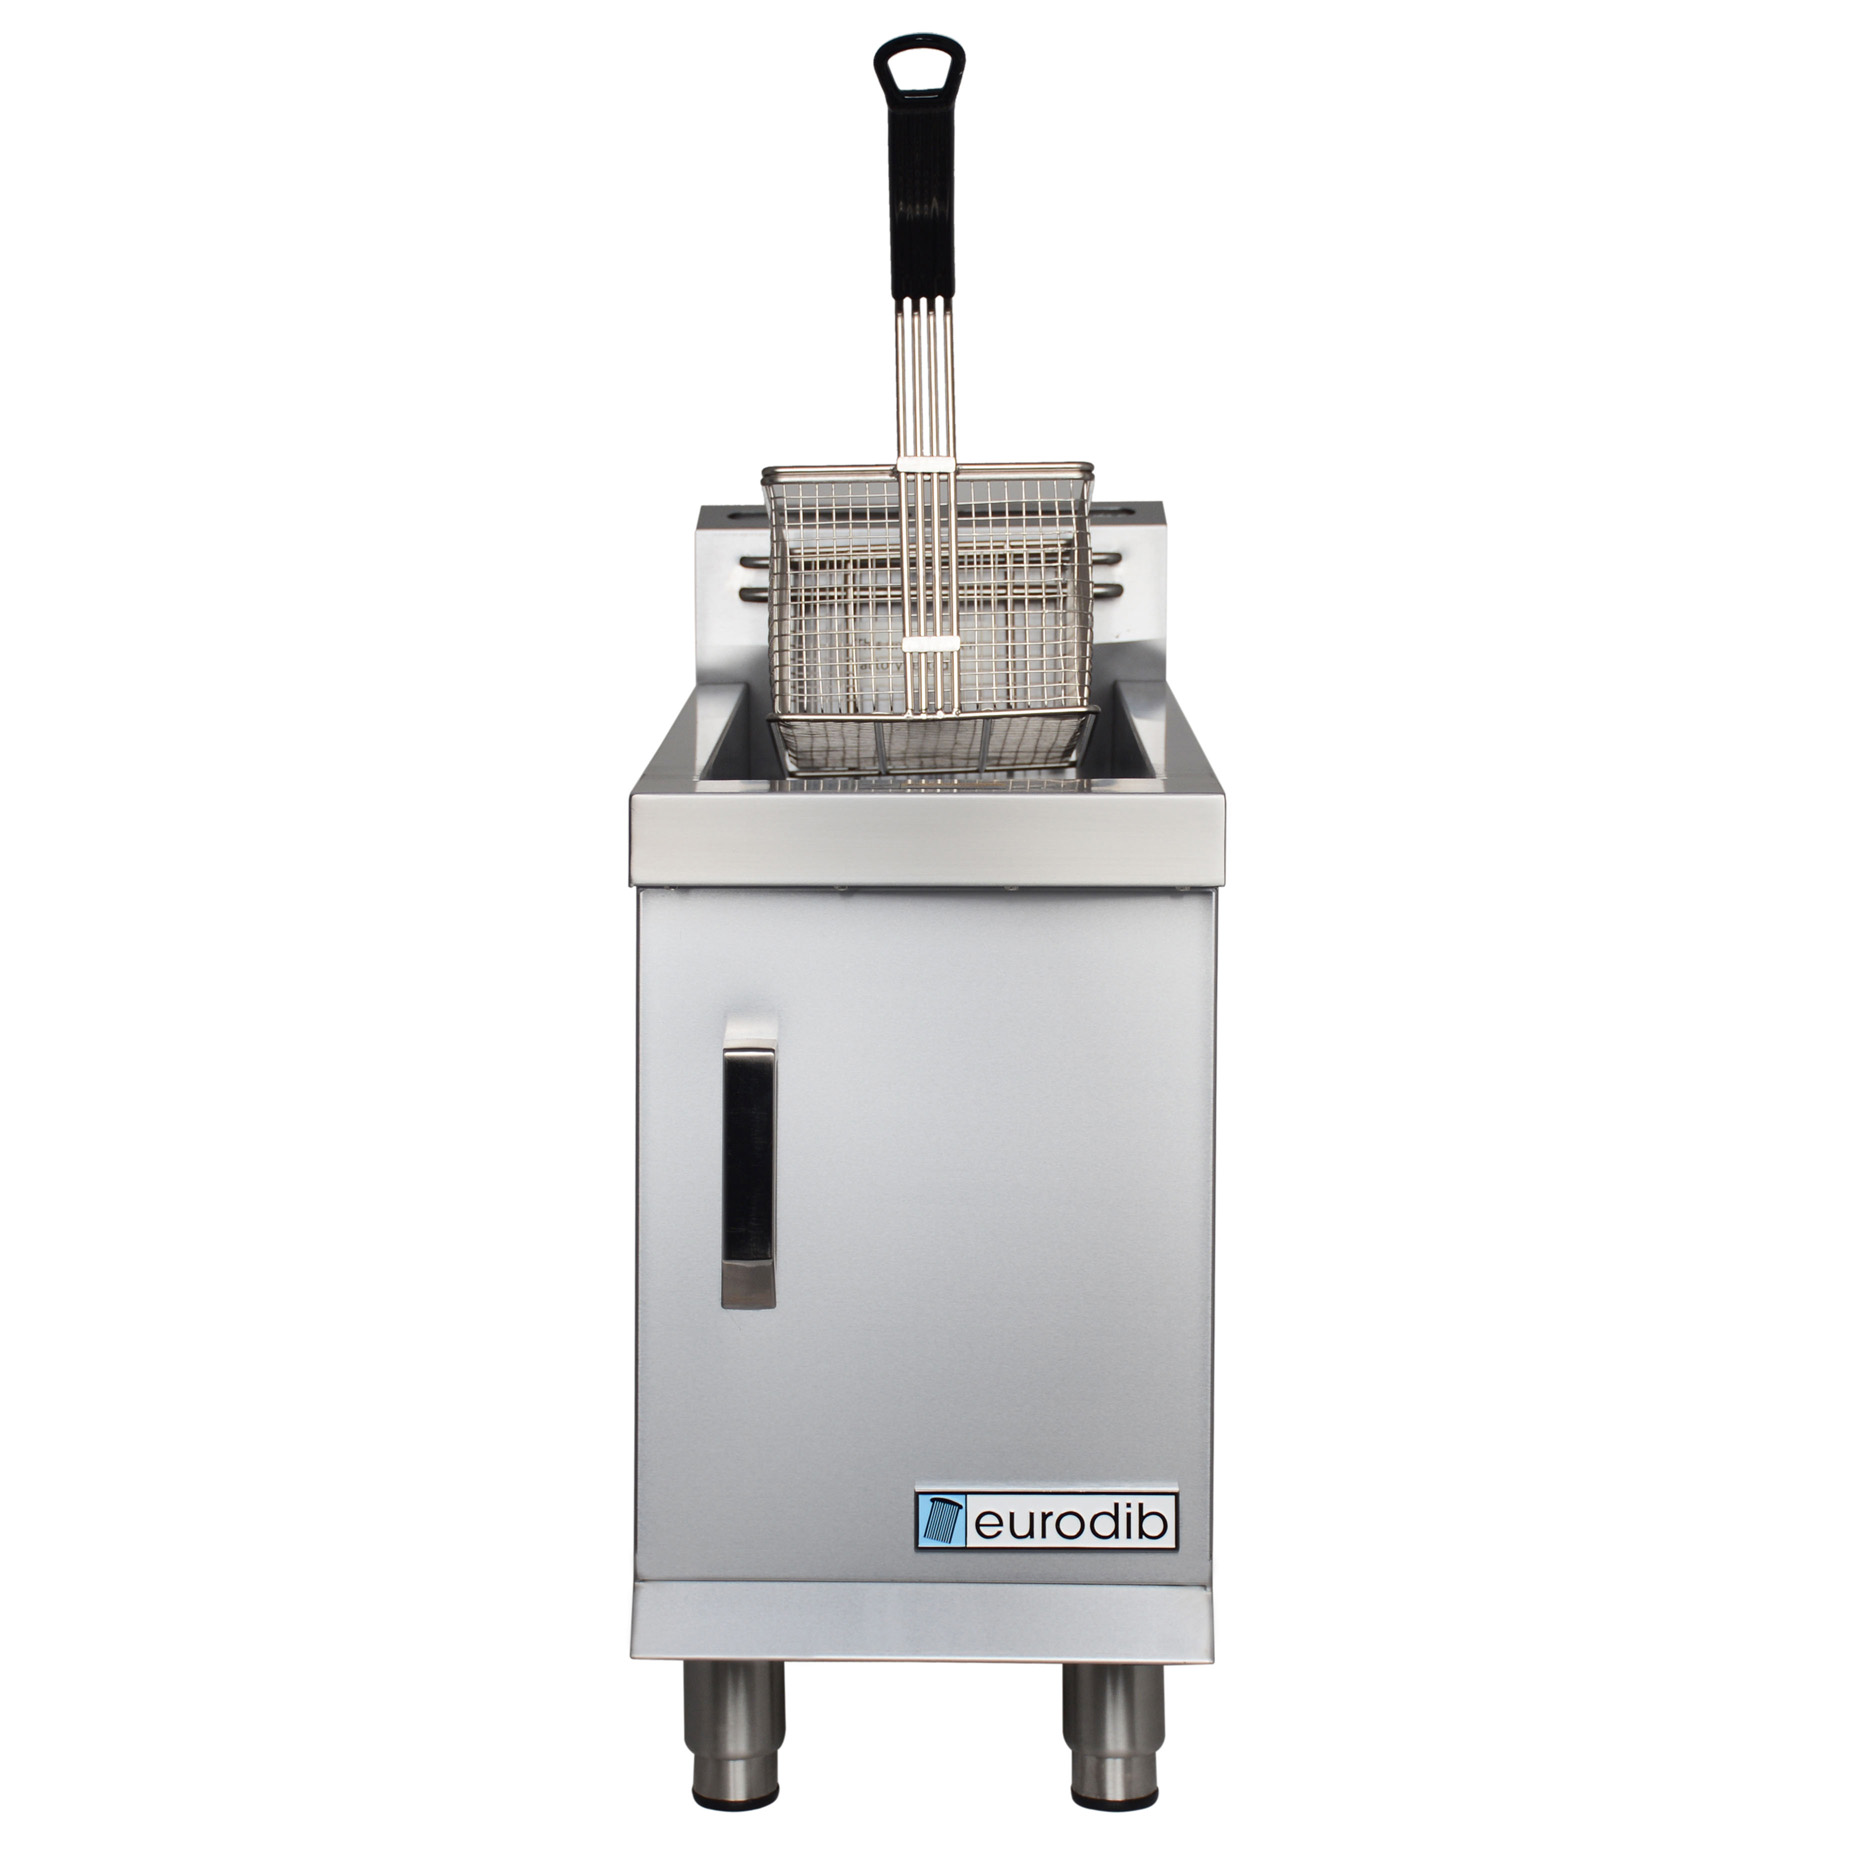 Eurodib USA CF15L fryer, gas, countertop, full pot